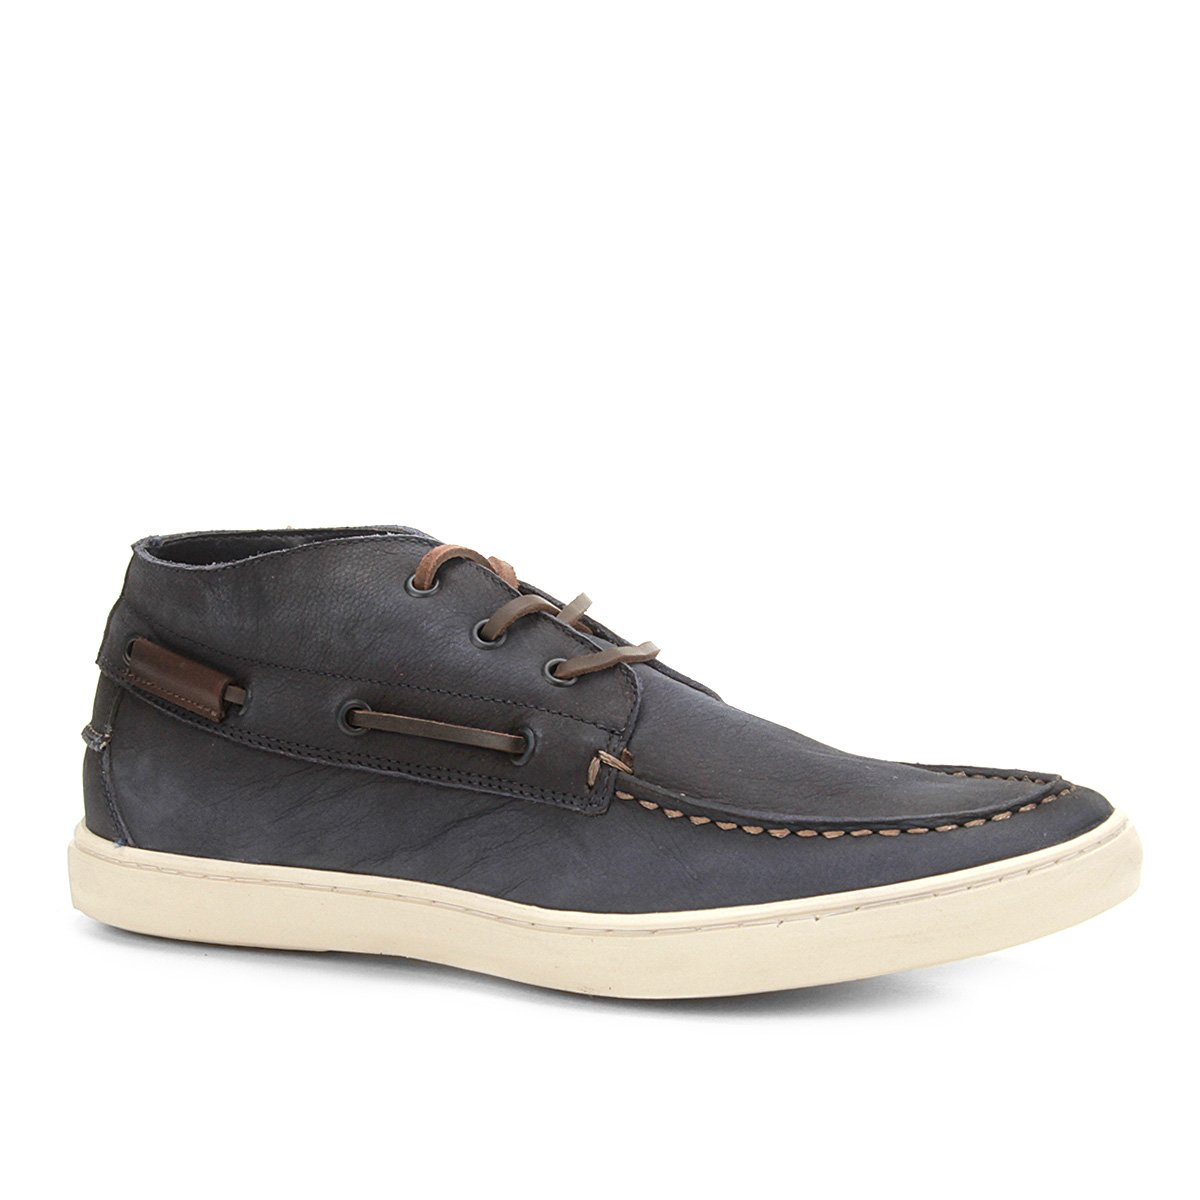 e760d5ff2c Sapatênis Couro Shoestock Sider Stoned Cano Alto Masculino - Marinho - Compre  Agora